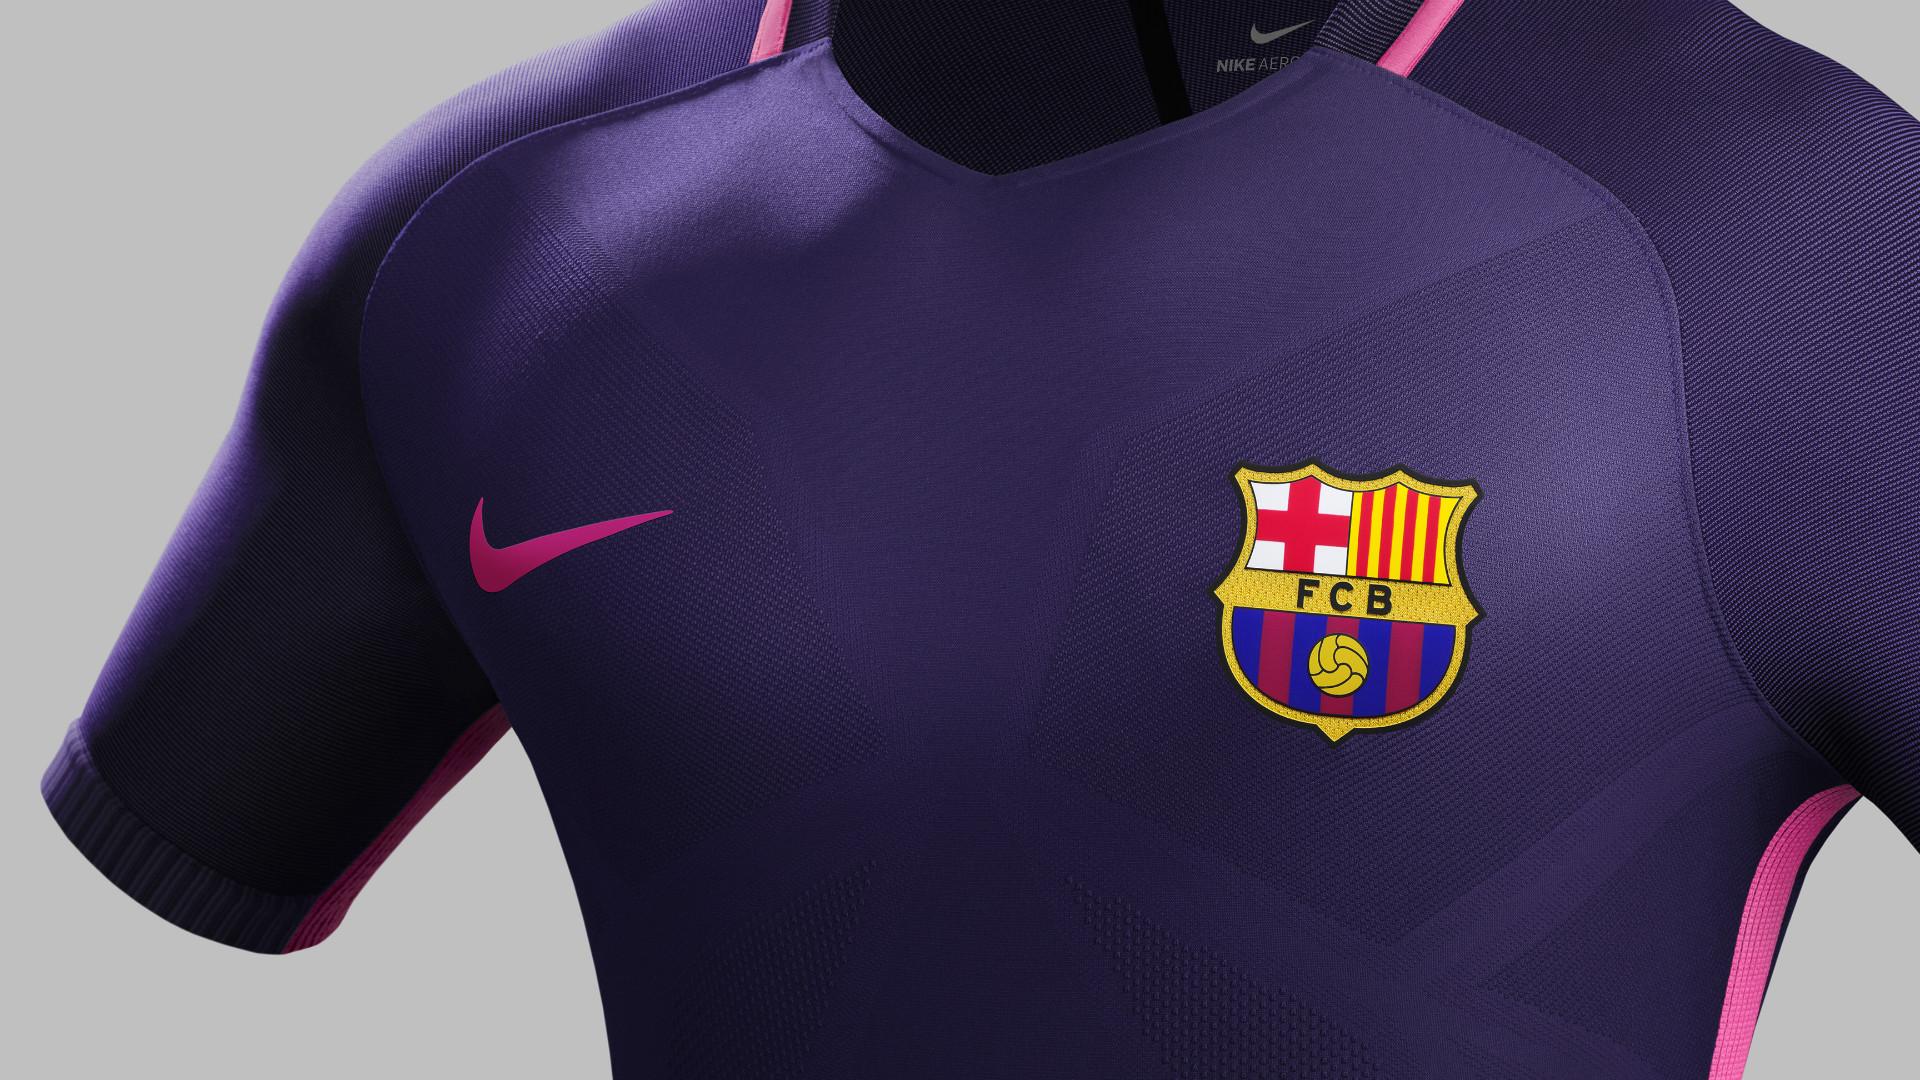 Tudo roxo! Barcelona e Real Madrid adotam a mesma cor de 2º uniforme ... 4d0317072de